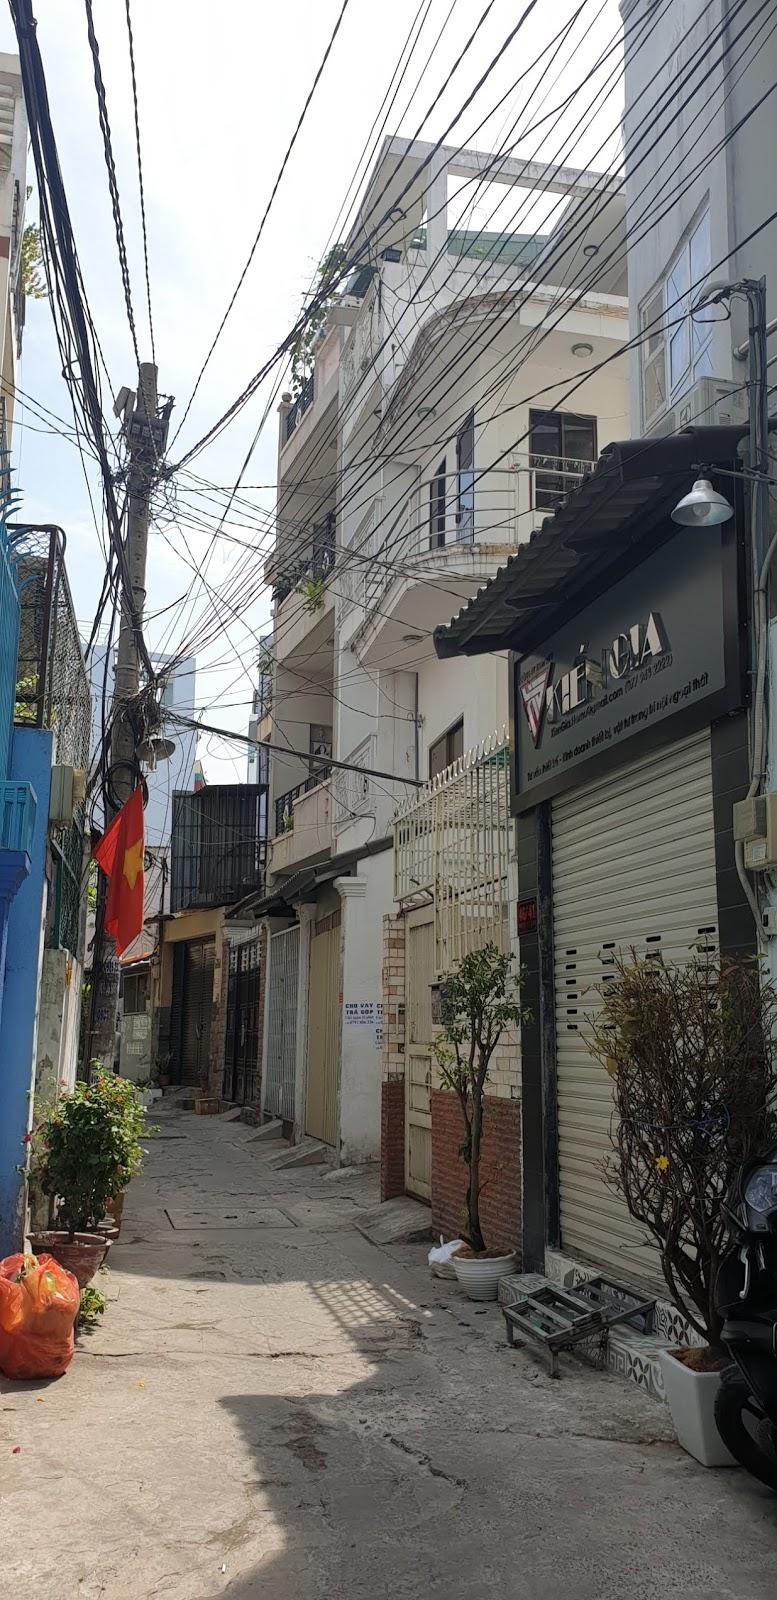 Bán nhà nhỏ xinh Trung tâm quận Phú Nhuận giá dưới 3 tỷ năm 2020